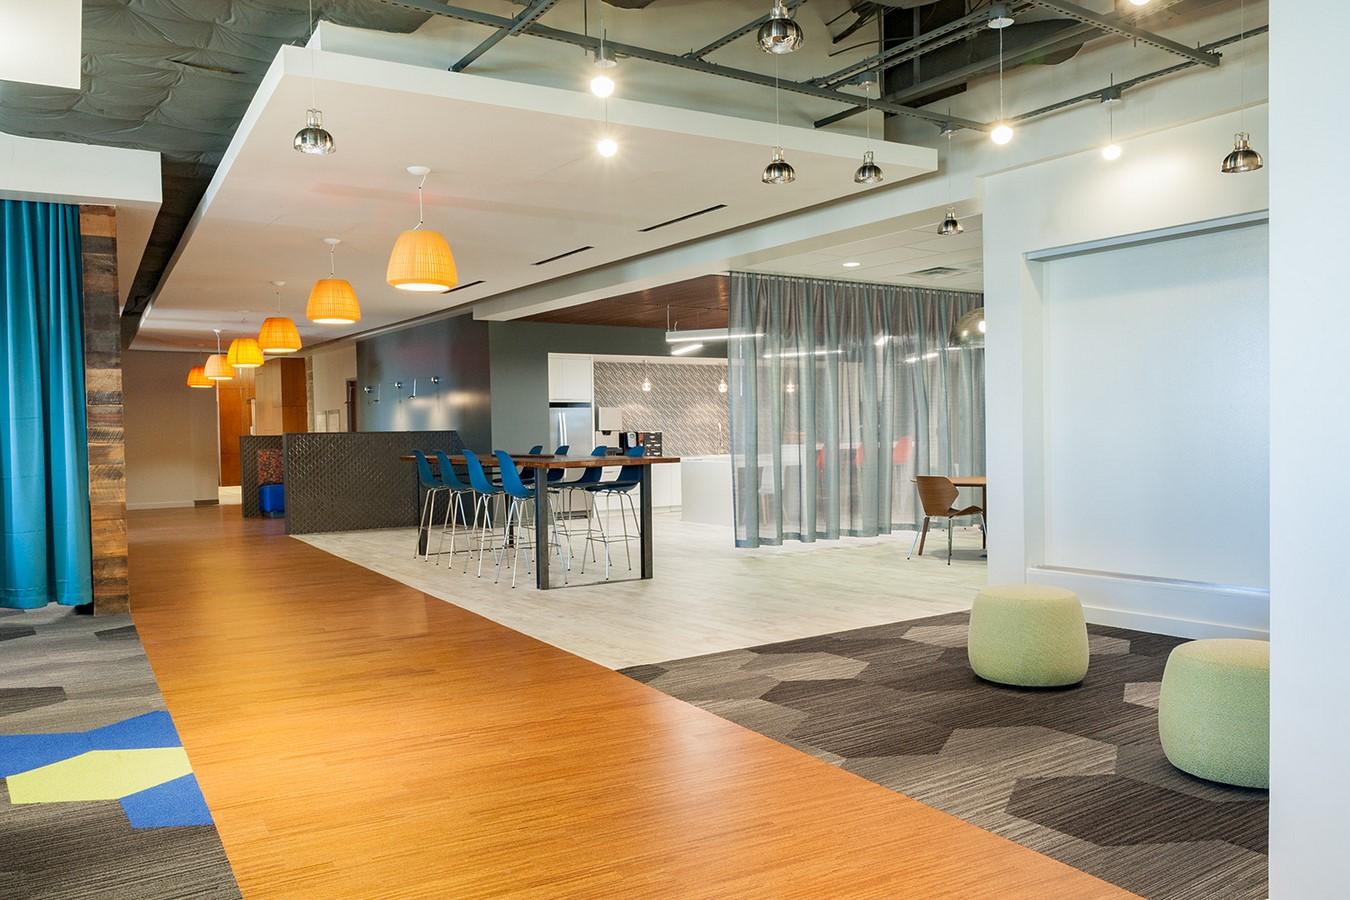 Fortune 500 Campus Interiors - Sheet1